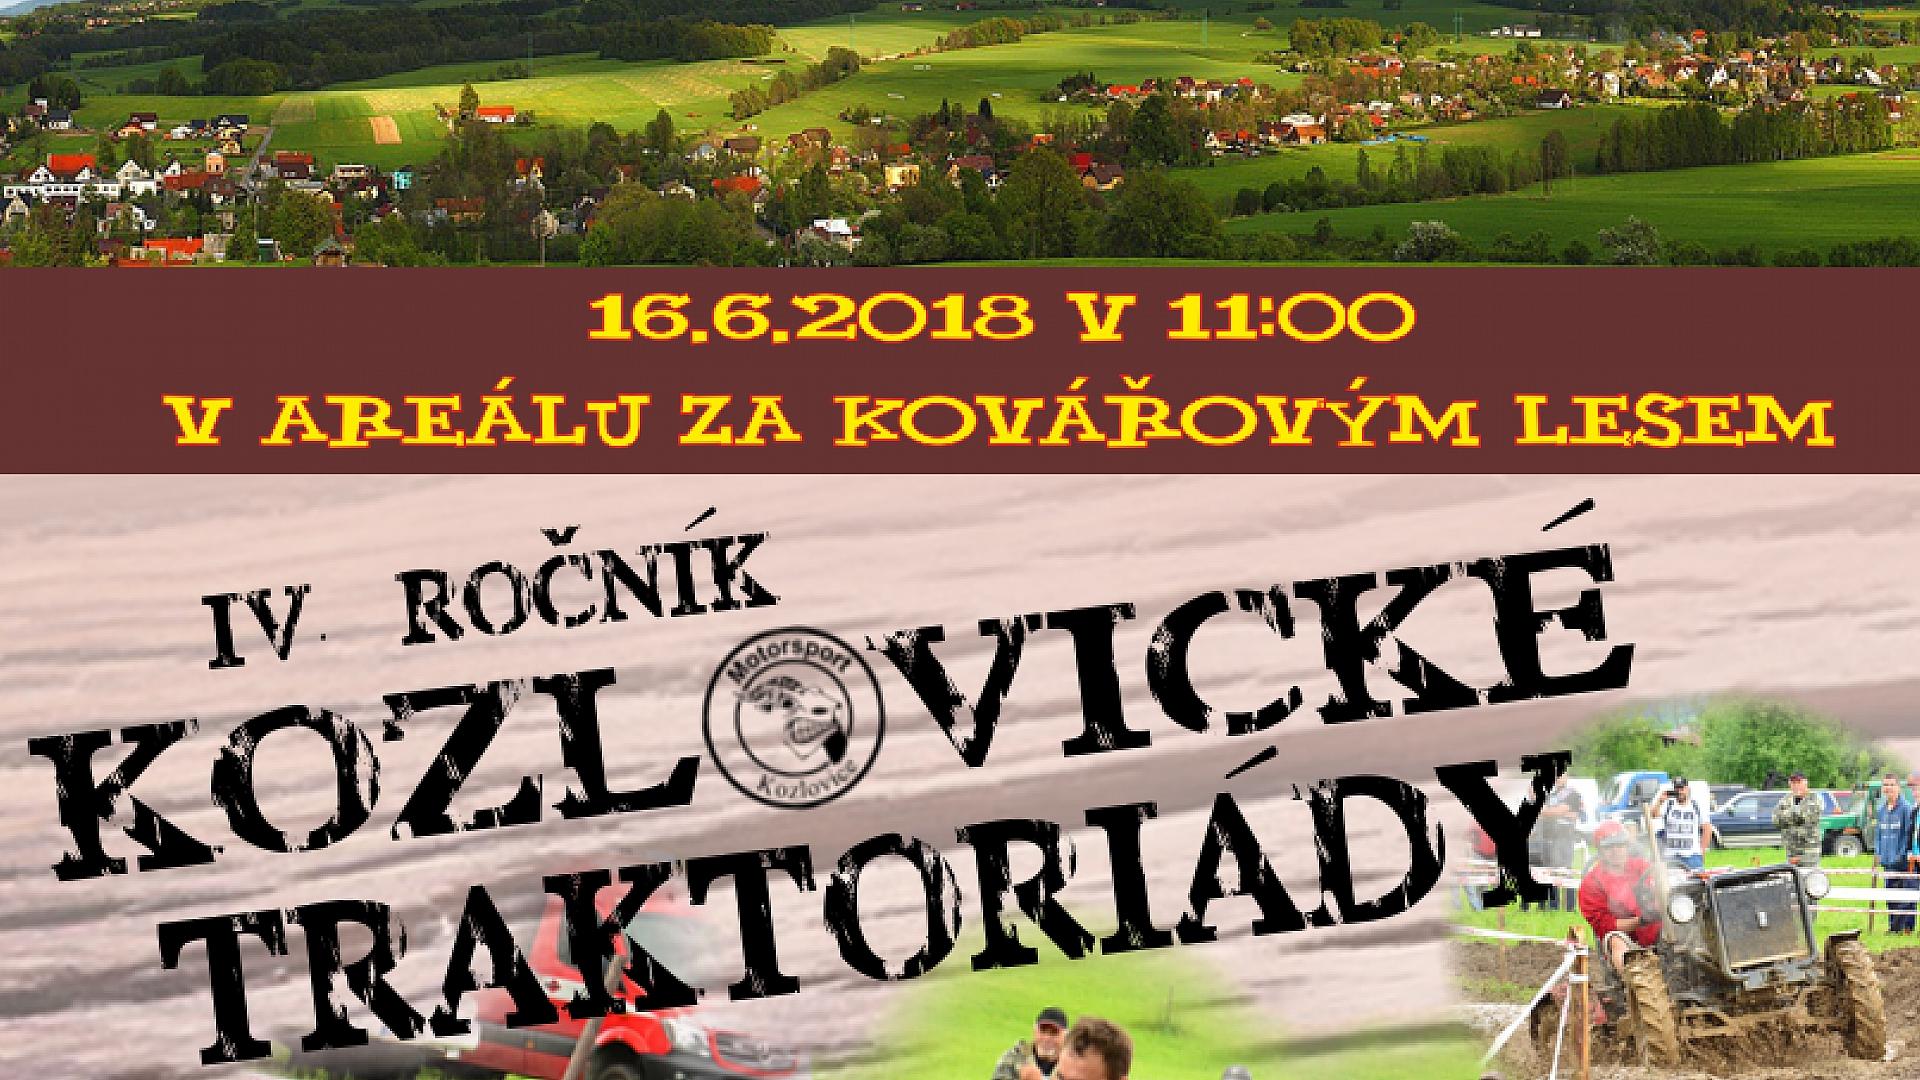 Kozlovice - IV. ROČNÍK KOZLOVICKÉ TRAKTORIÁDY